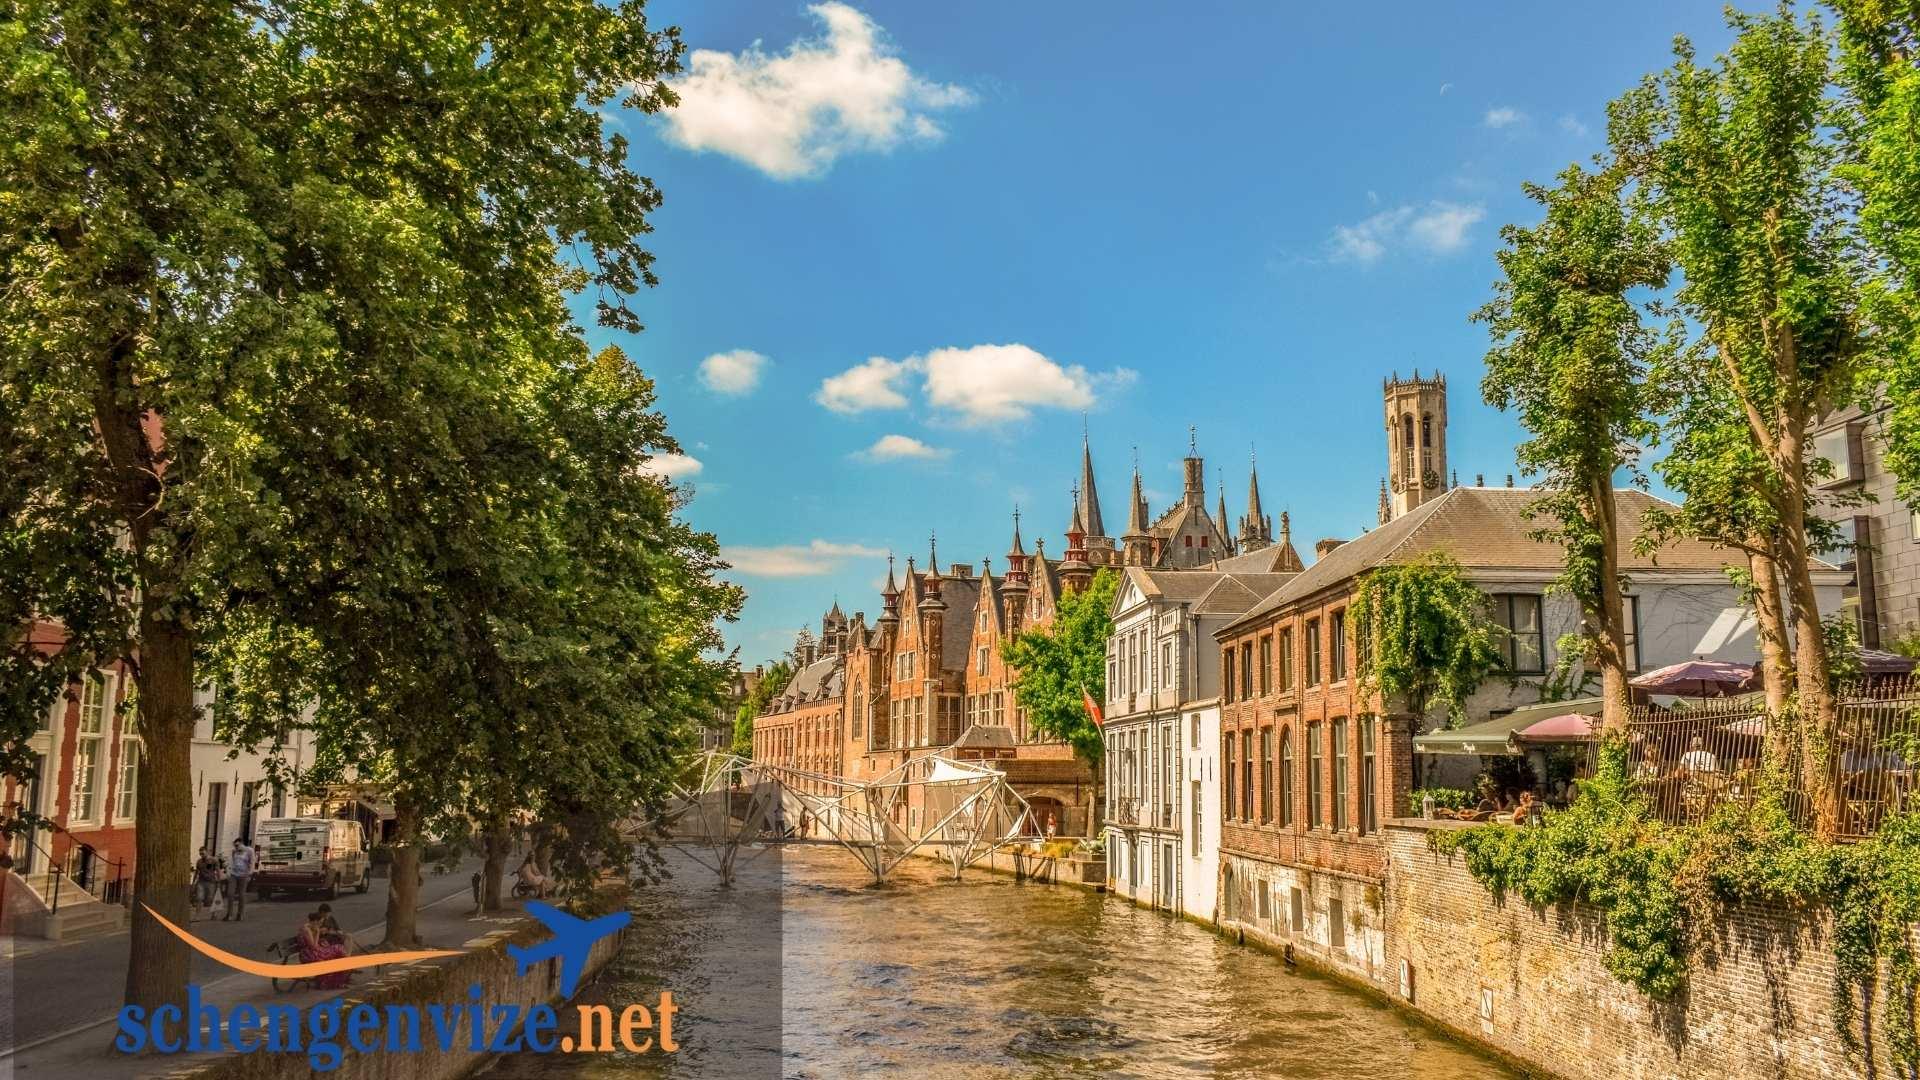 Belçika Turistik Vize Başvurularında Talep Edilen Evraklar